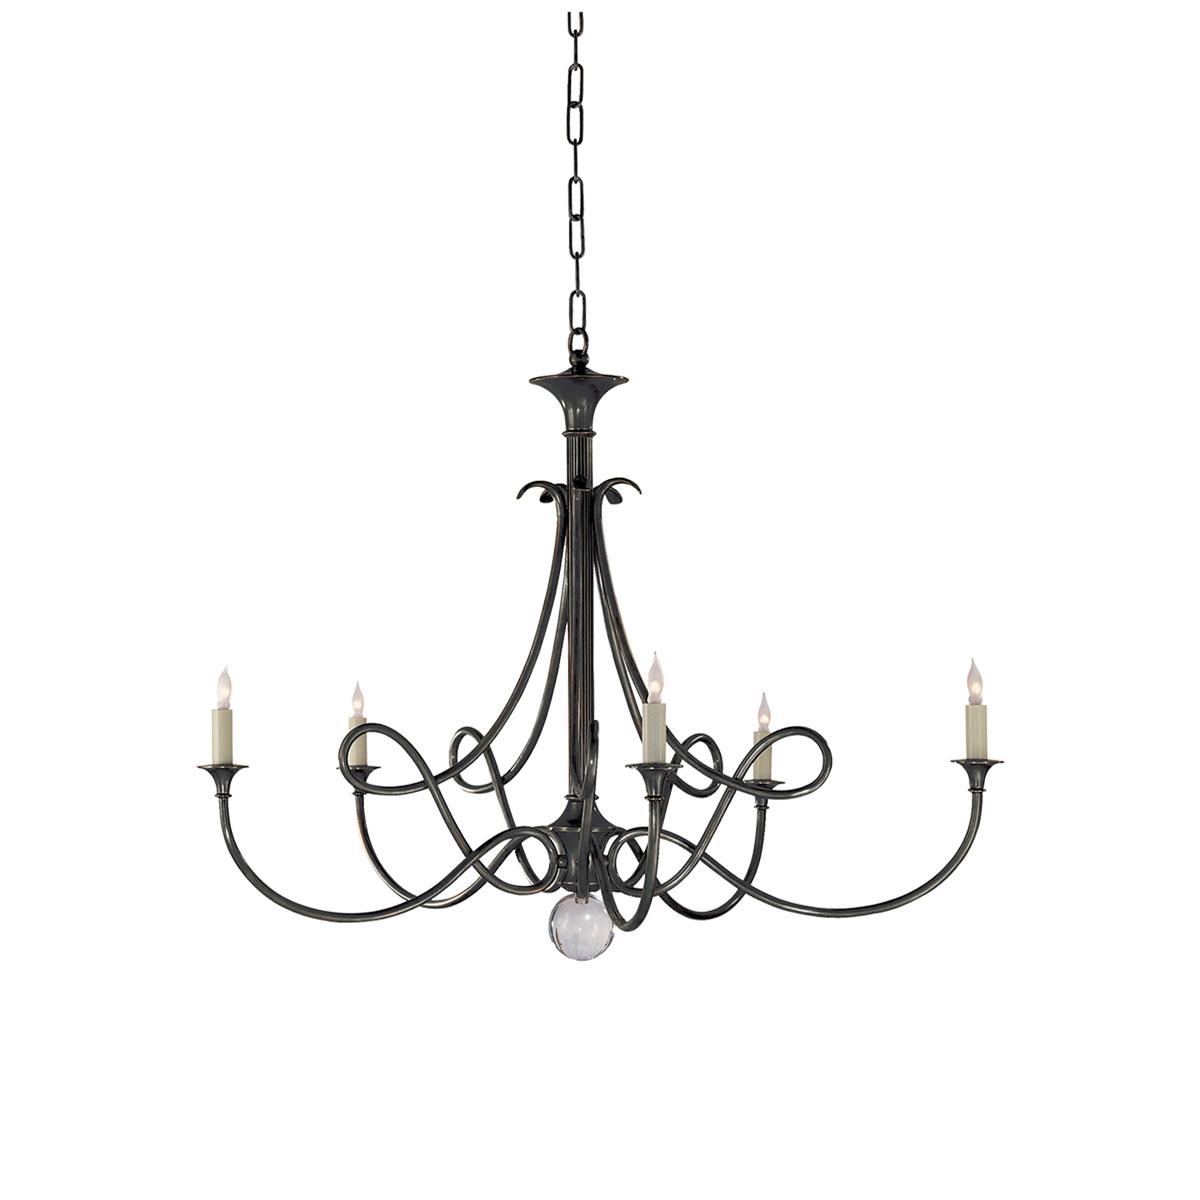 Chandelier - Visual Comfort, Chandeliers, Black Neenas Lighting